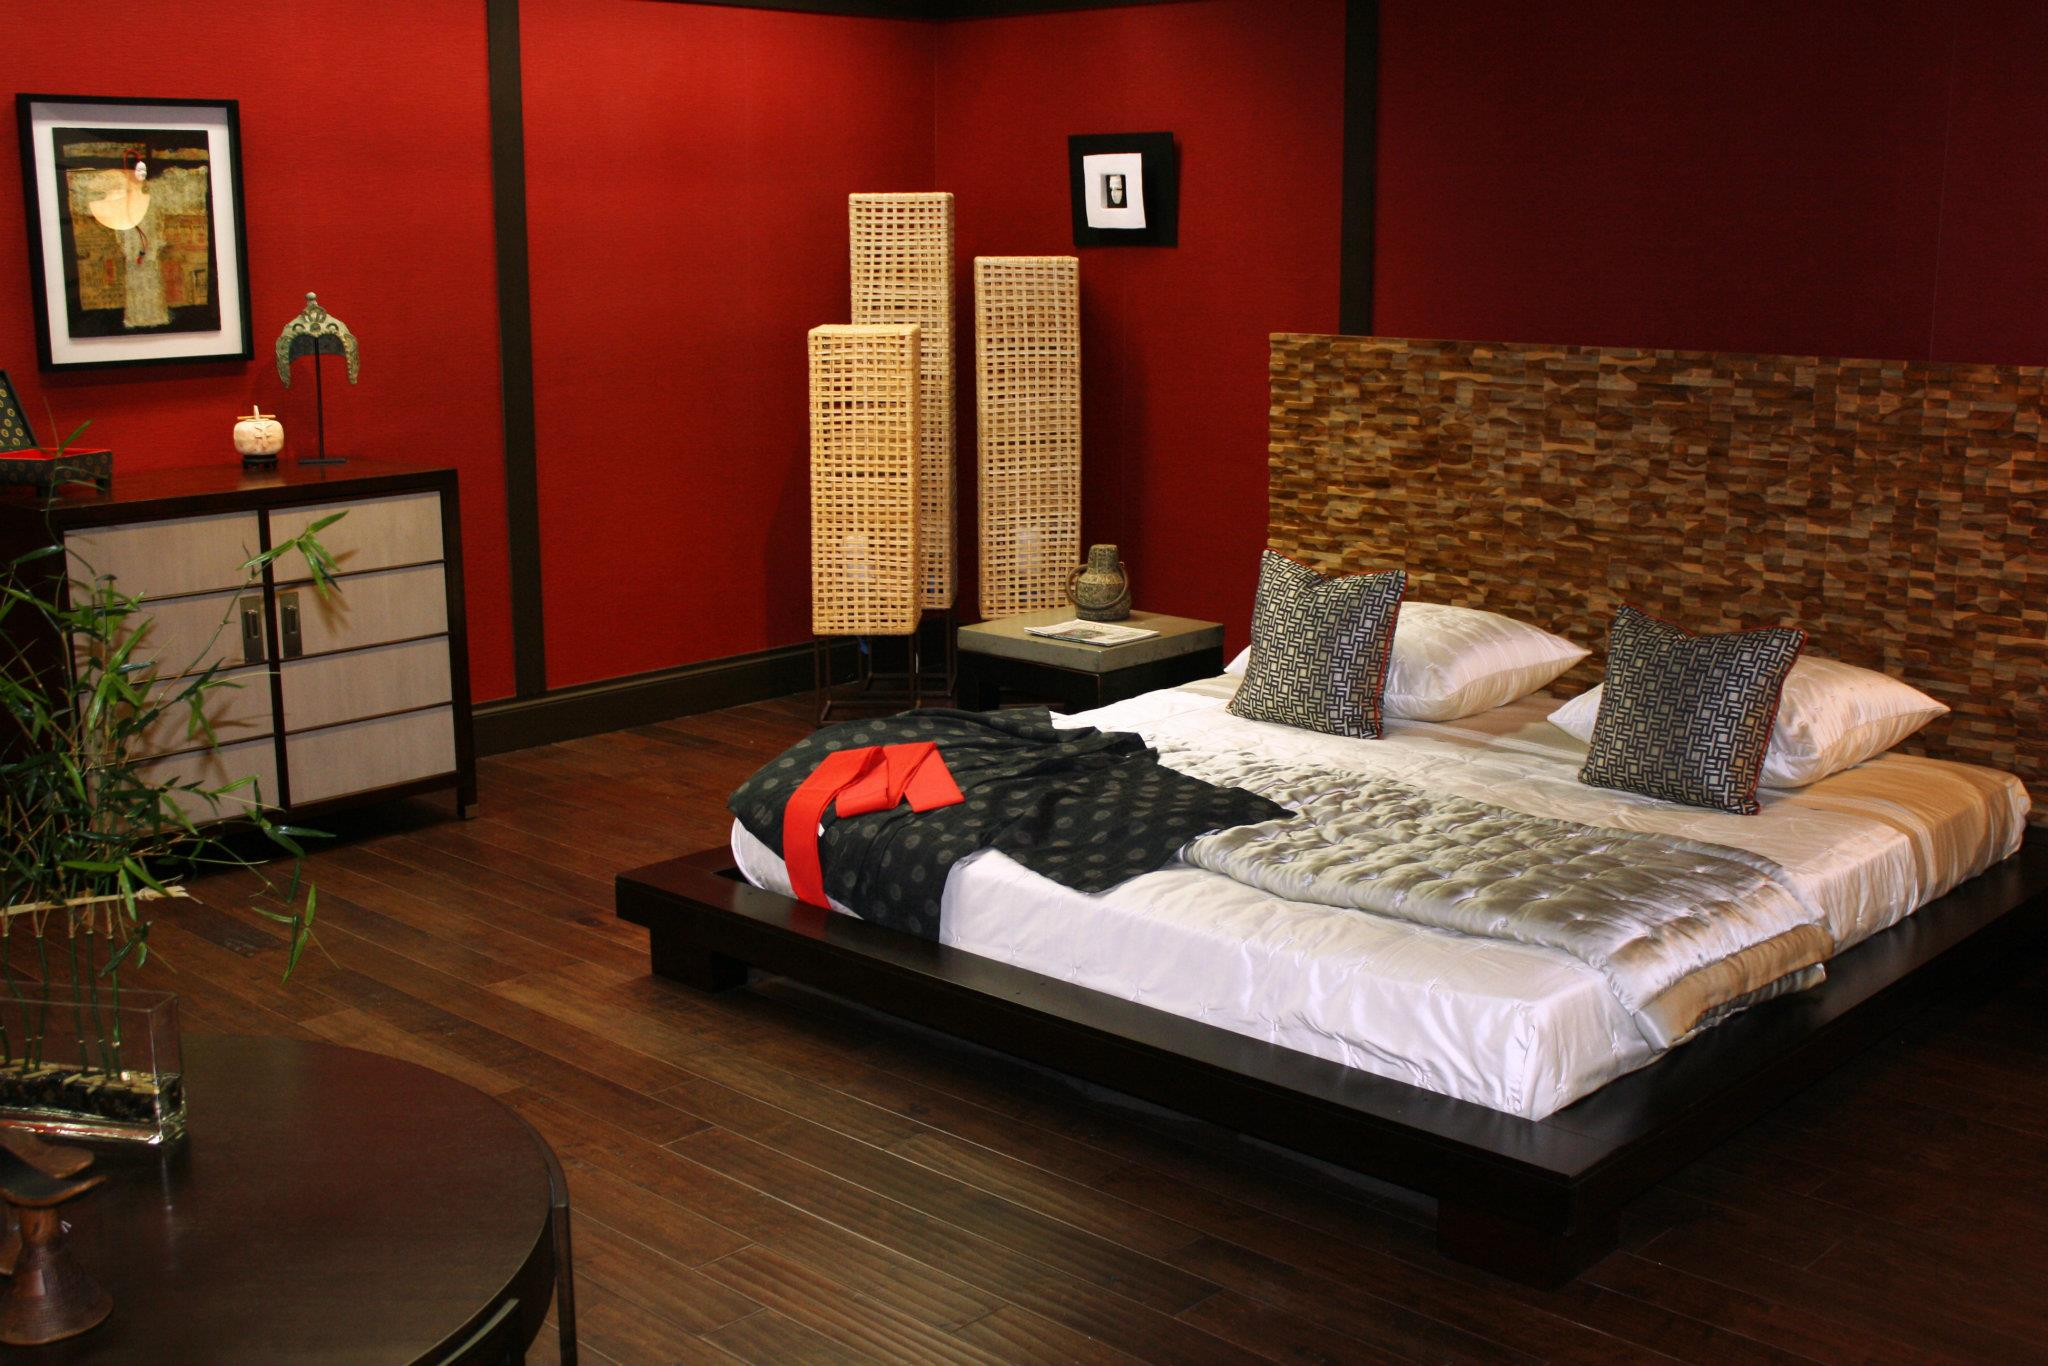 asiatisches schlafzimmer gestalten mit roten wänden und Stehleuchten mit Weidenkörbe